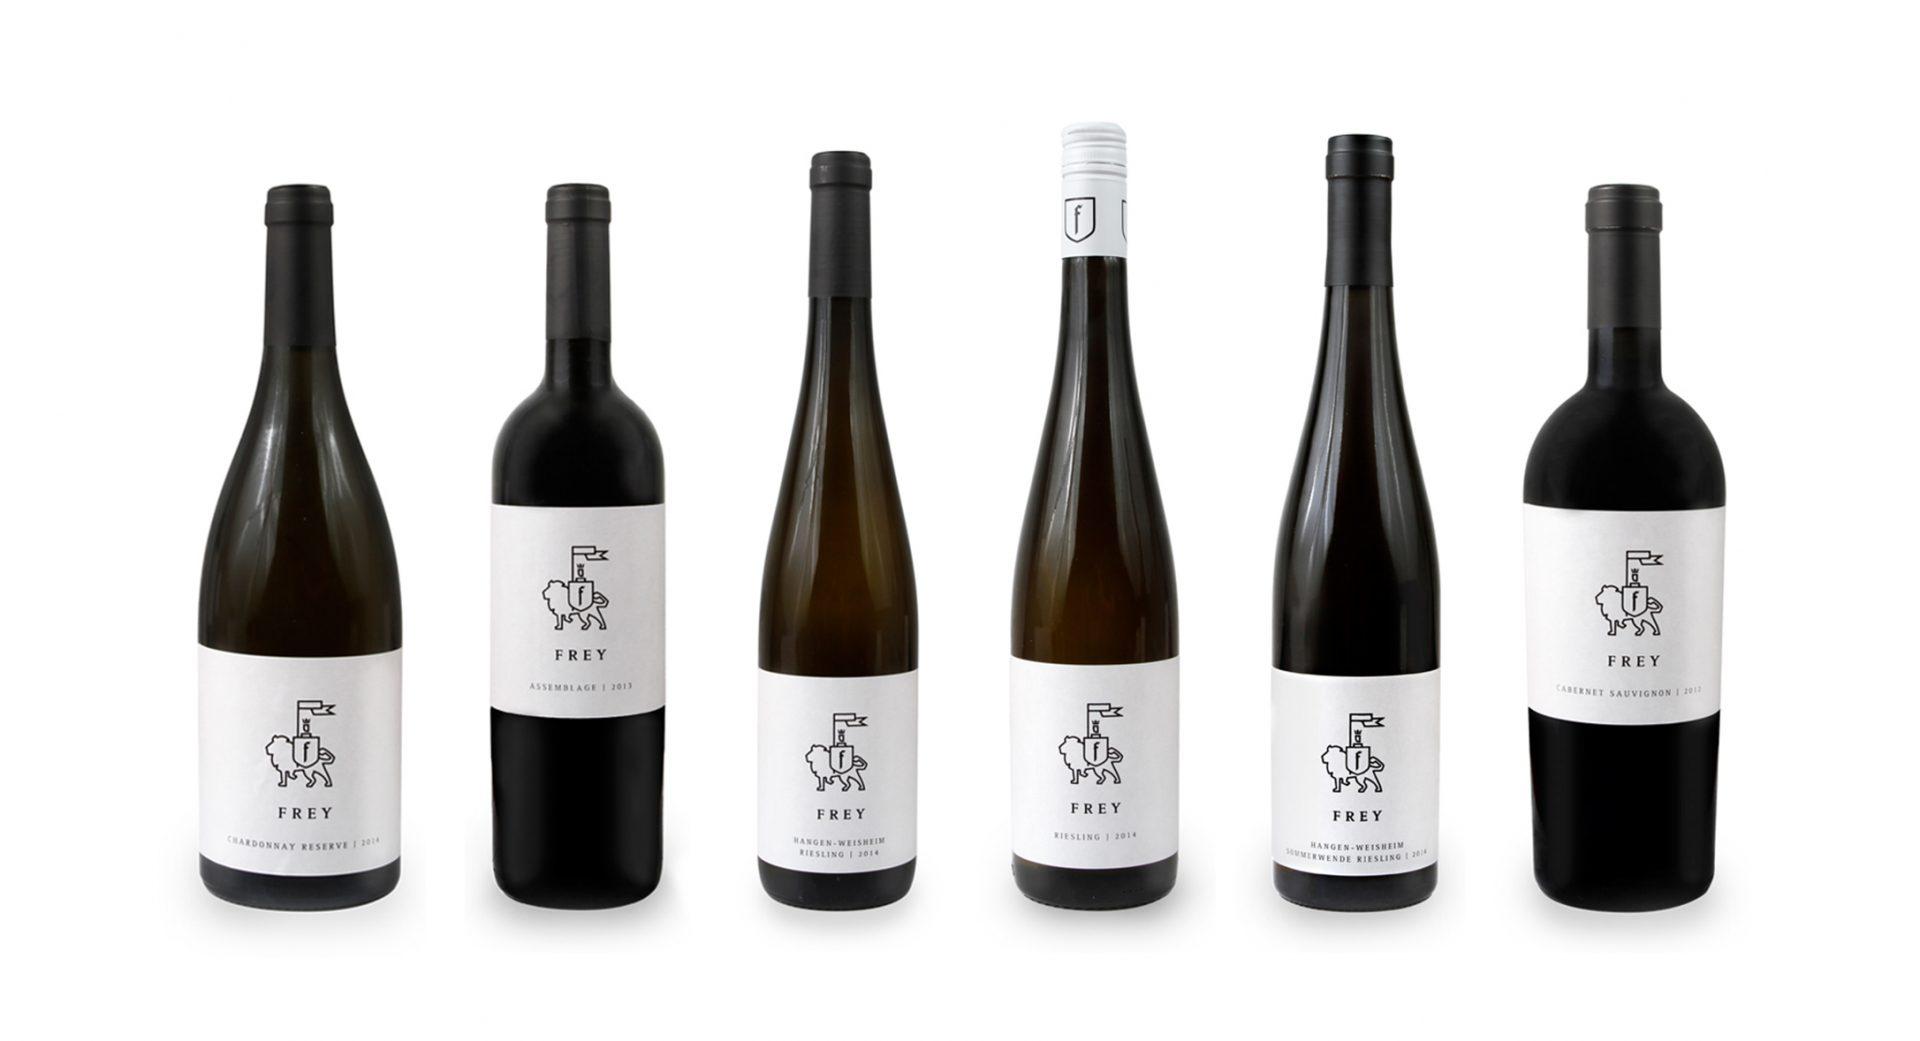 Weinsortiment Frey – Ober-Flörsheim